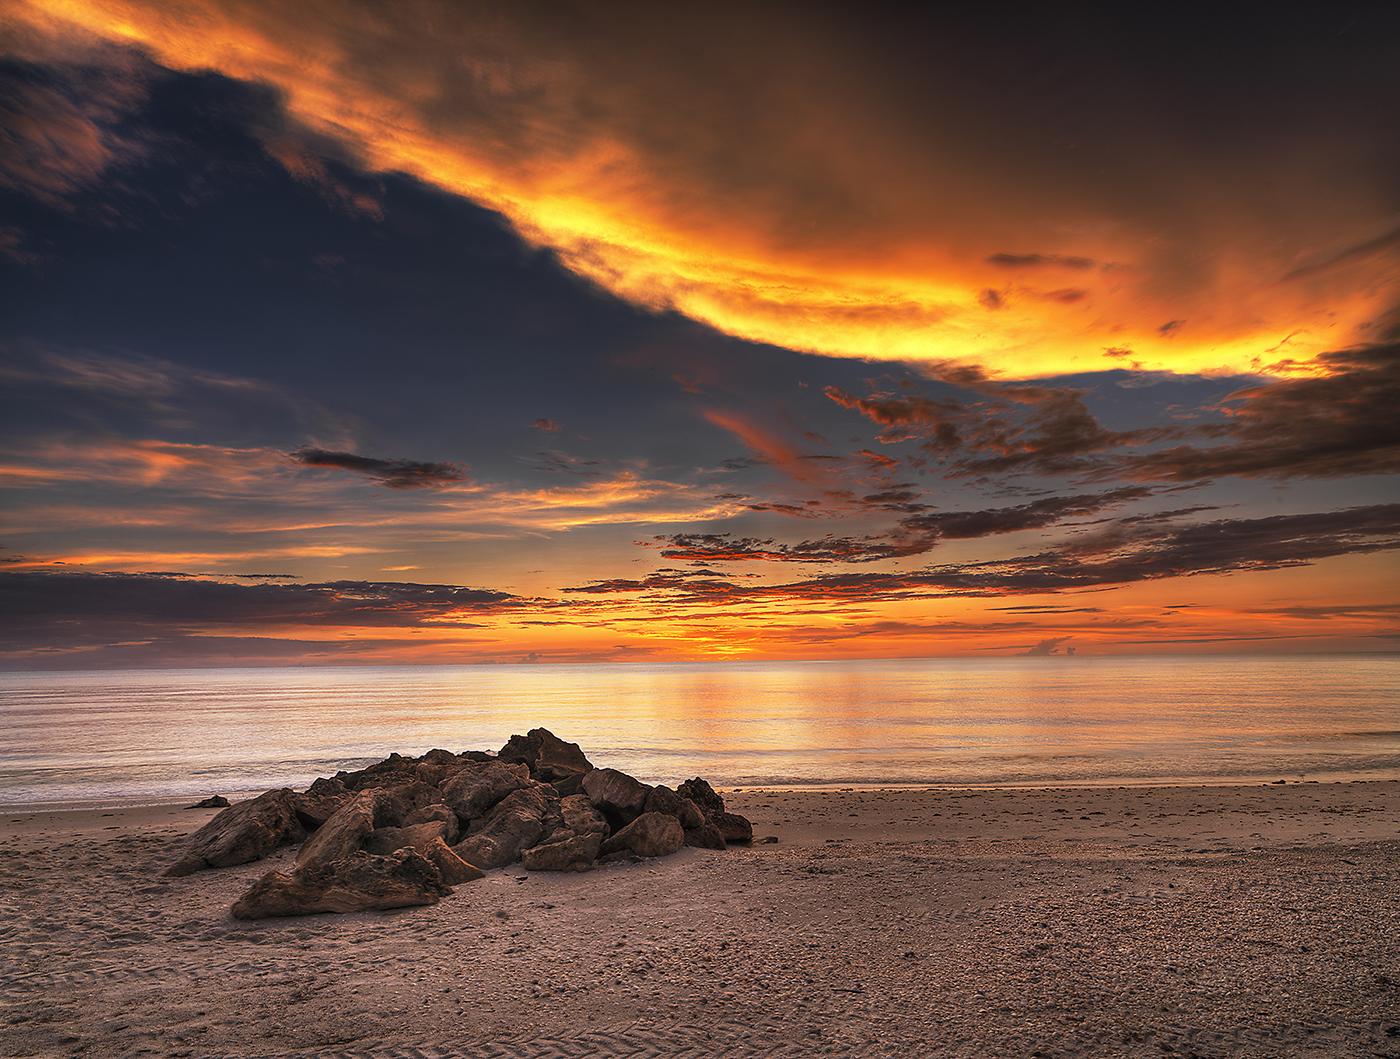 Afterglow 2, Naples, FL